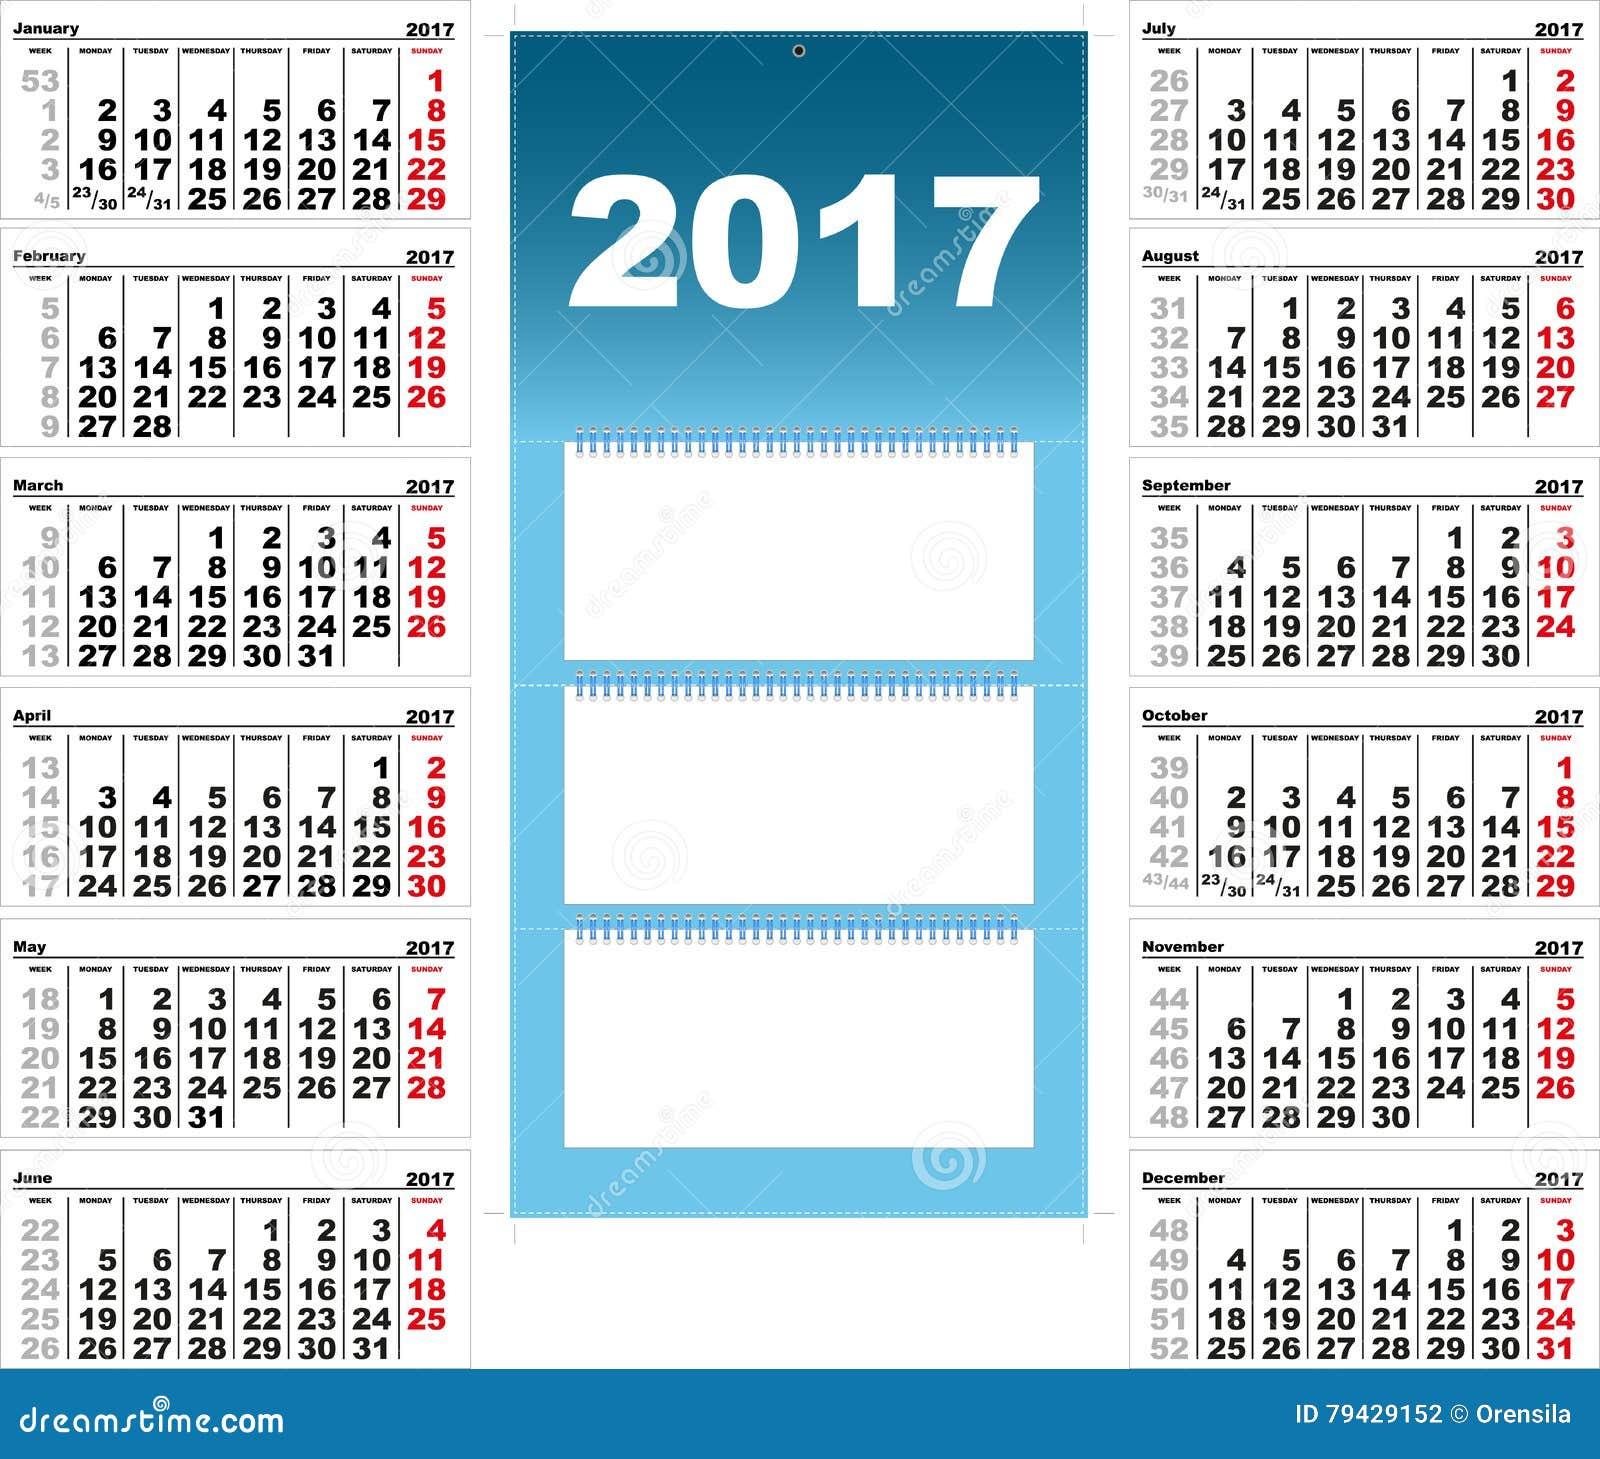 Calendario Trimestrali.Calendario Murale Trimestrale Per 2017 Illustrazione